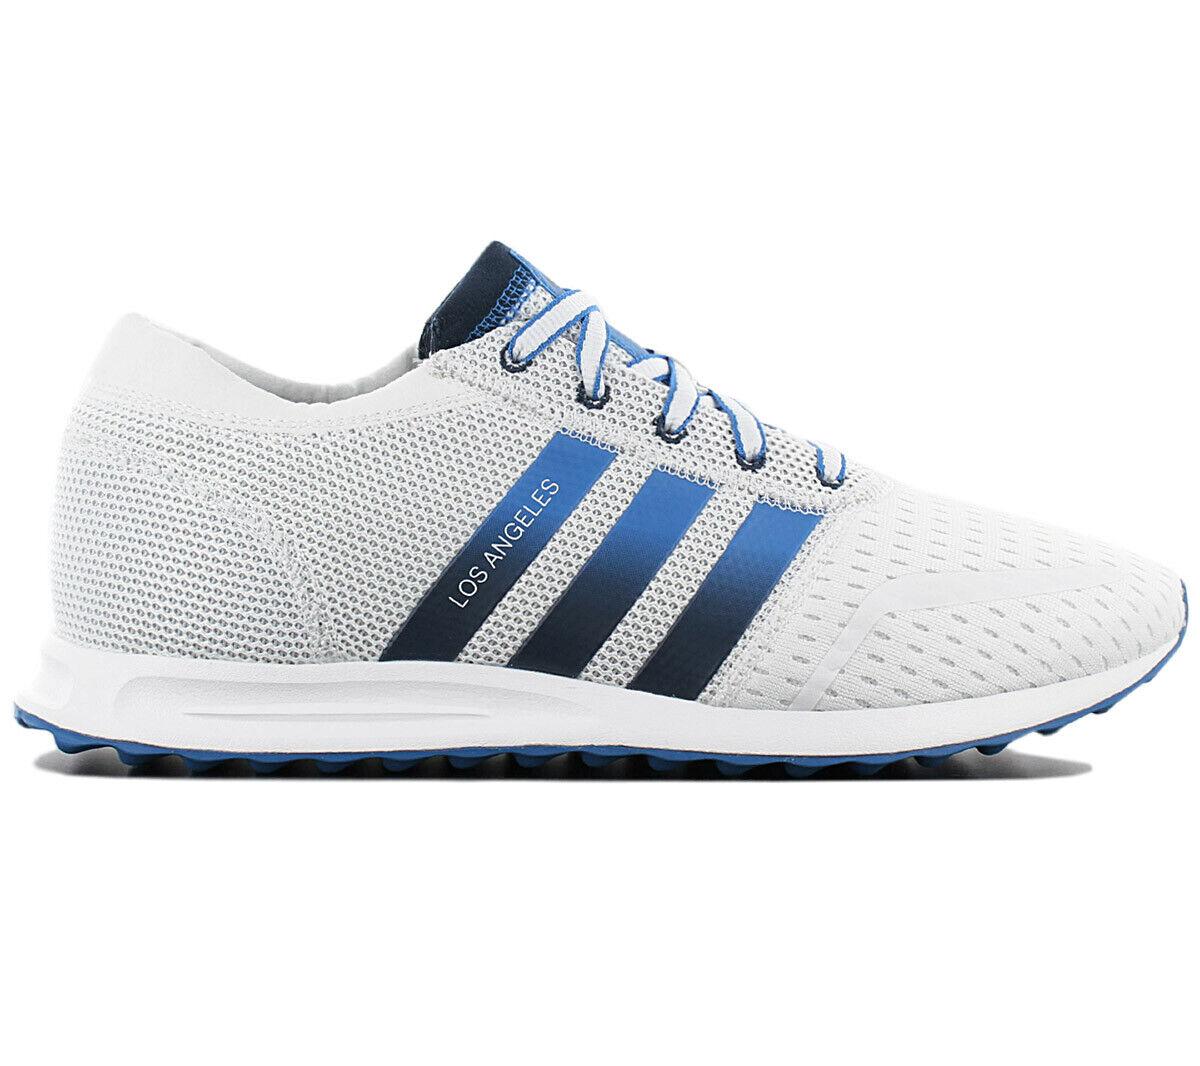 Adidas Originals los angeles calcetines cortos s79032 blancoo zapatos zapatillas nuevo